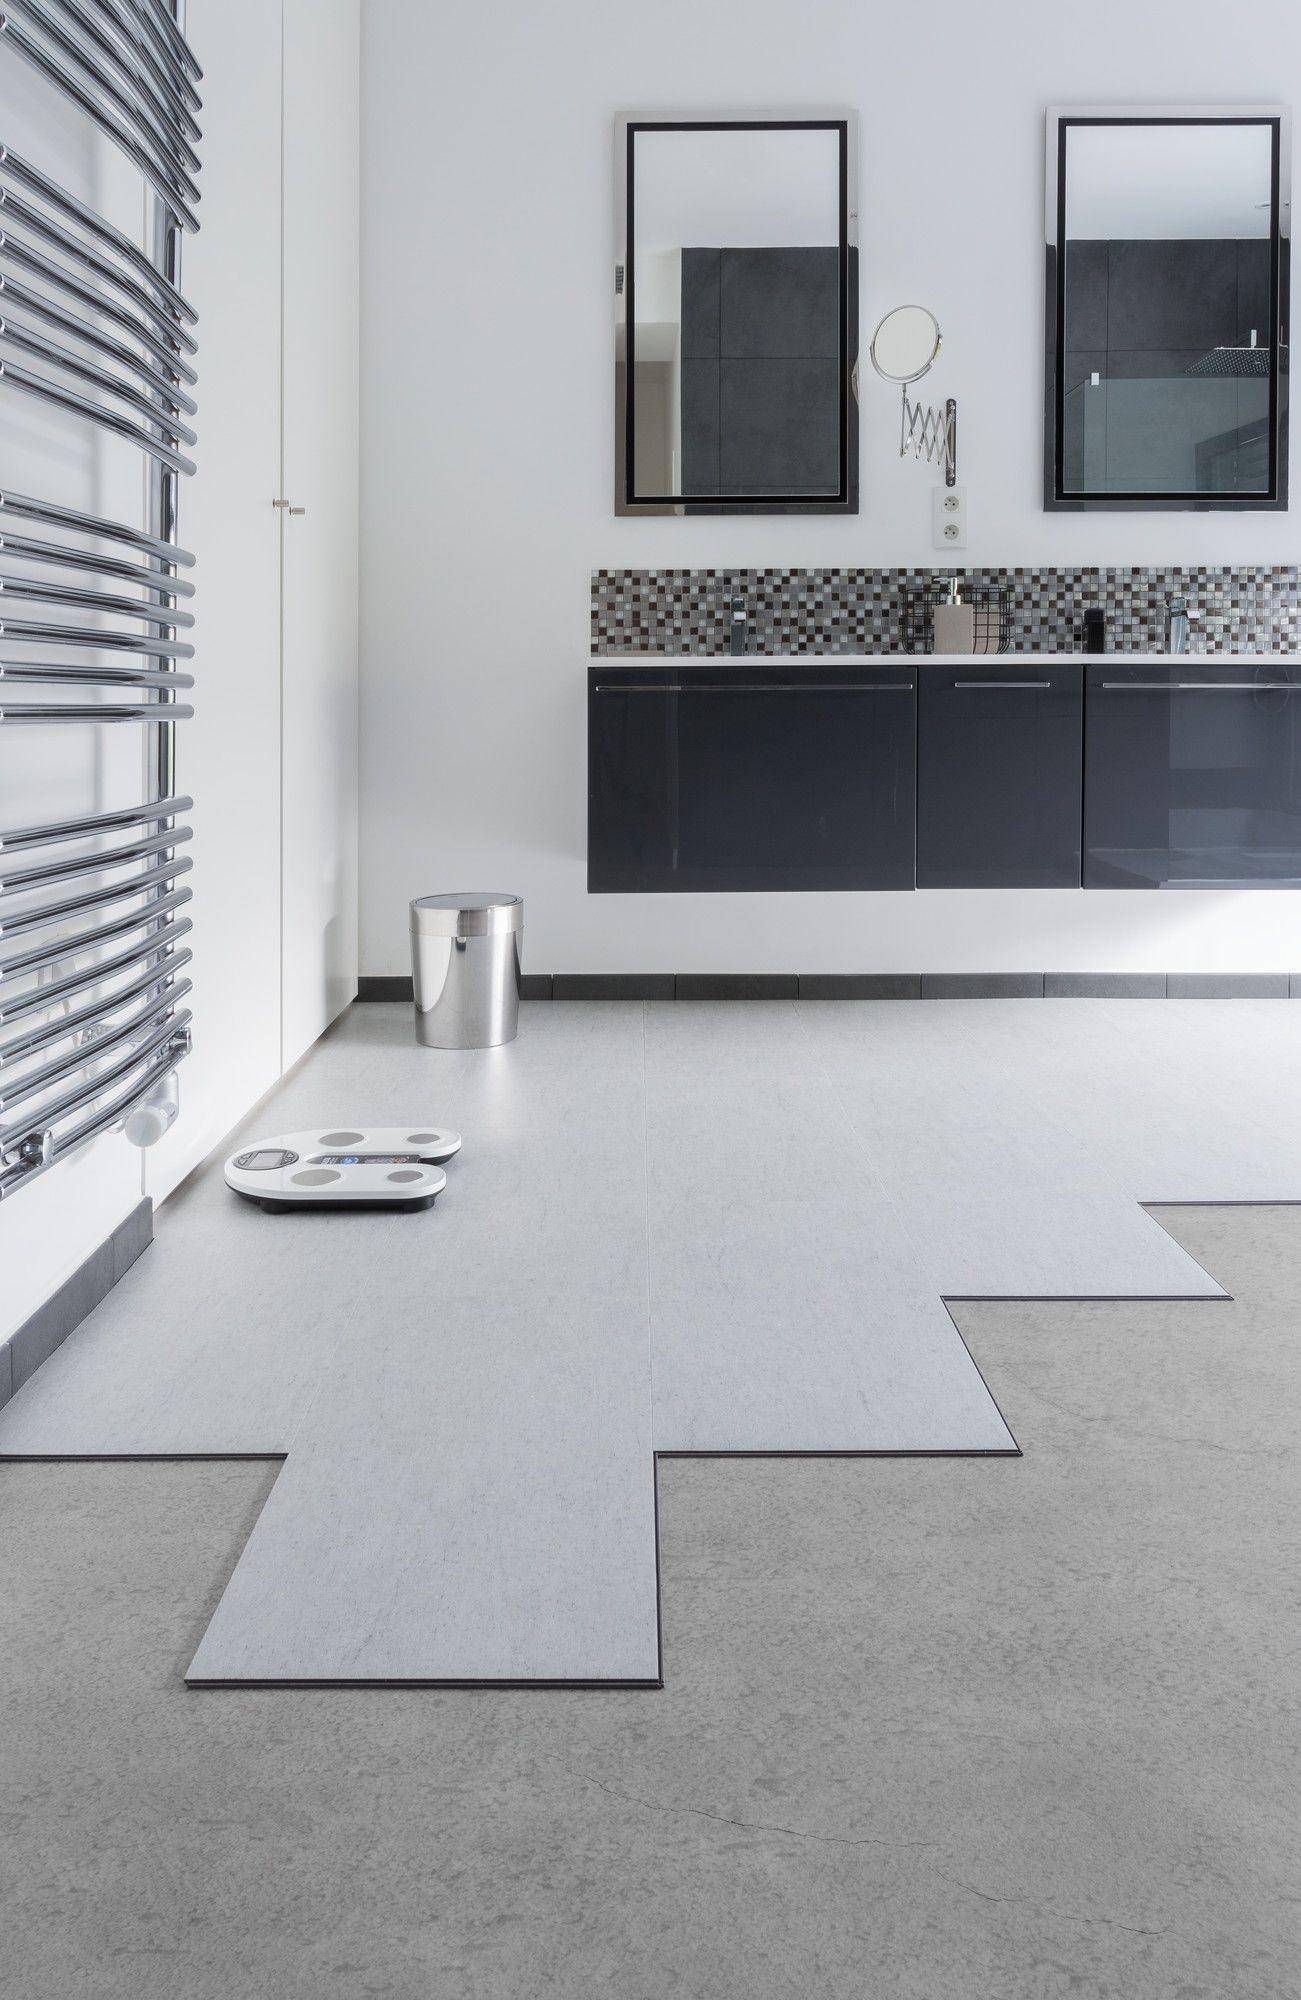 gerflor vinyl flooring installation floor matttroy. Black Bedroom Furniture Sets. Home Design Ideas